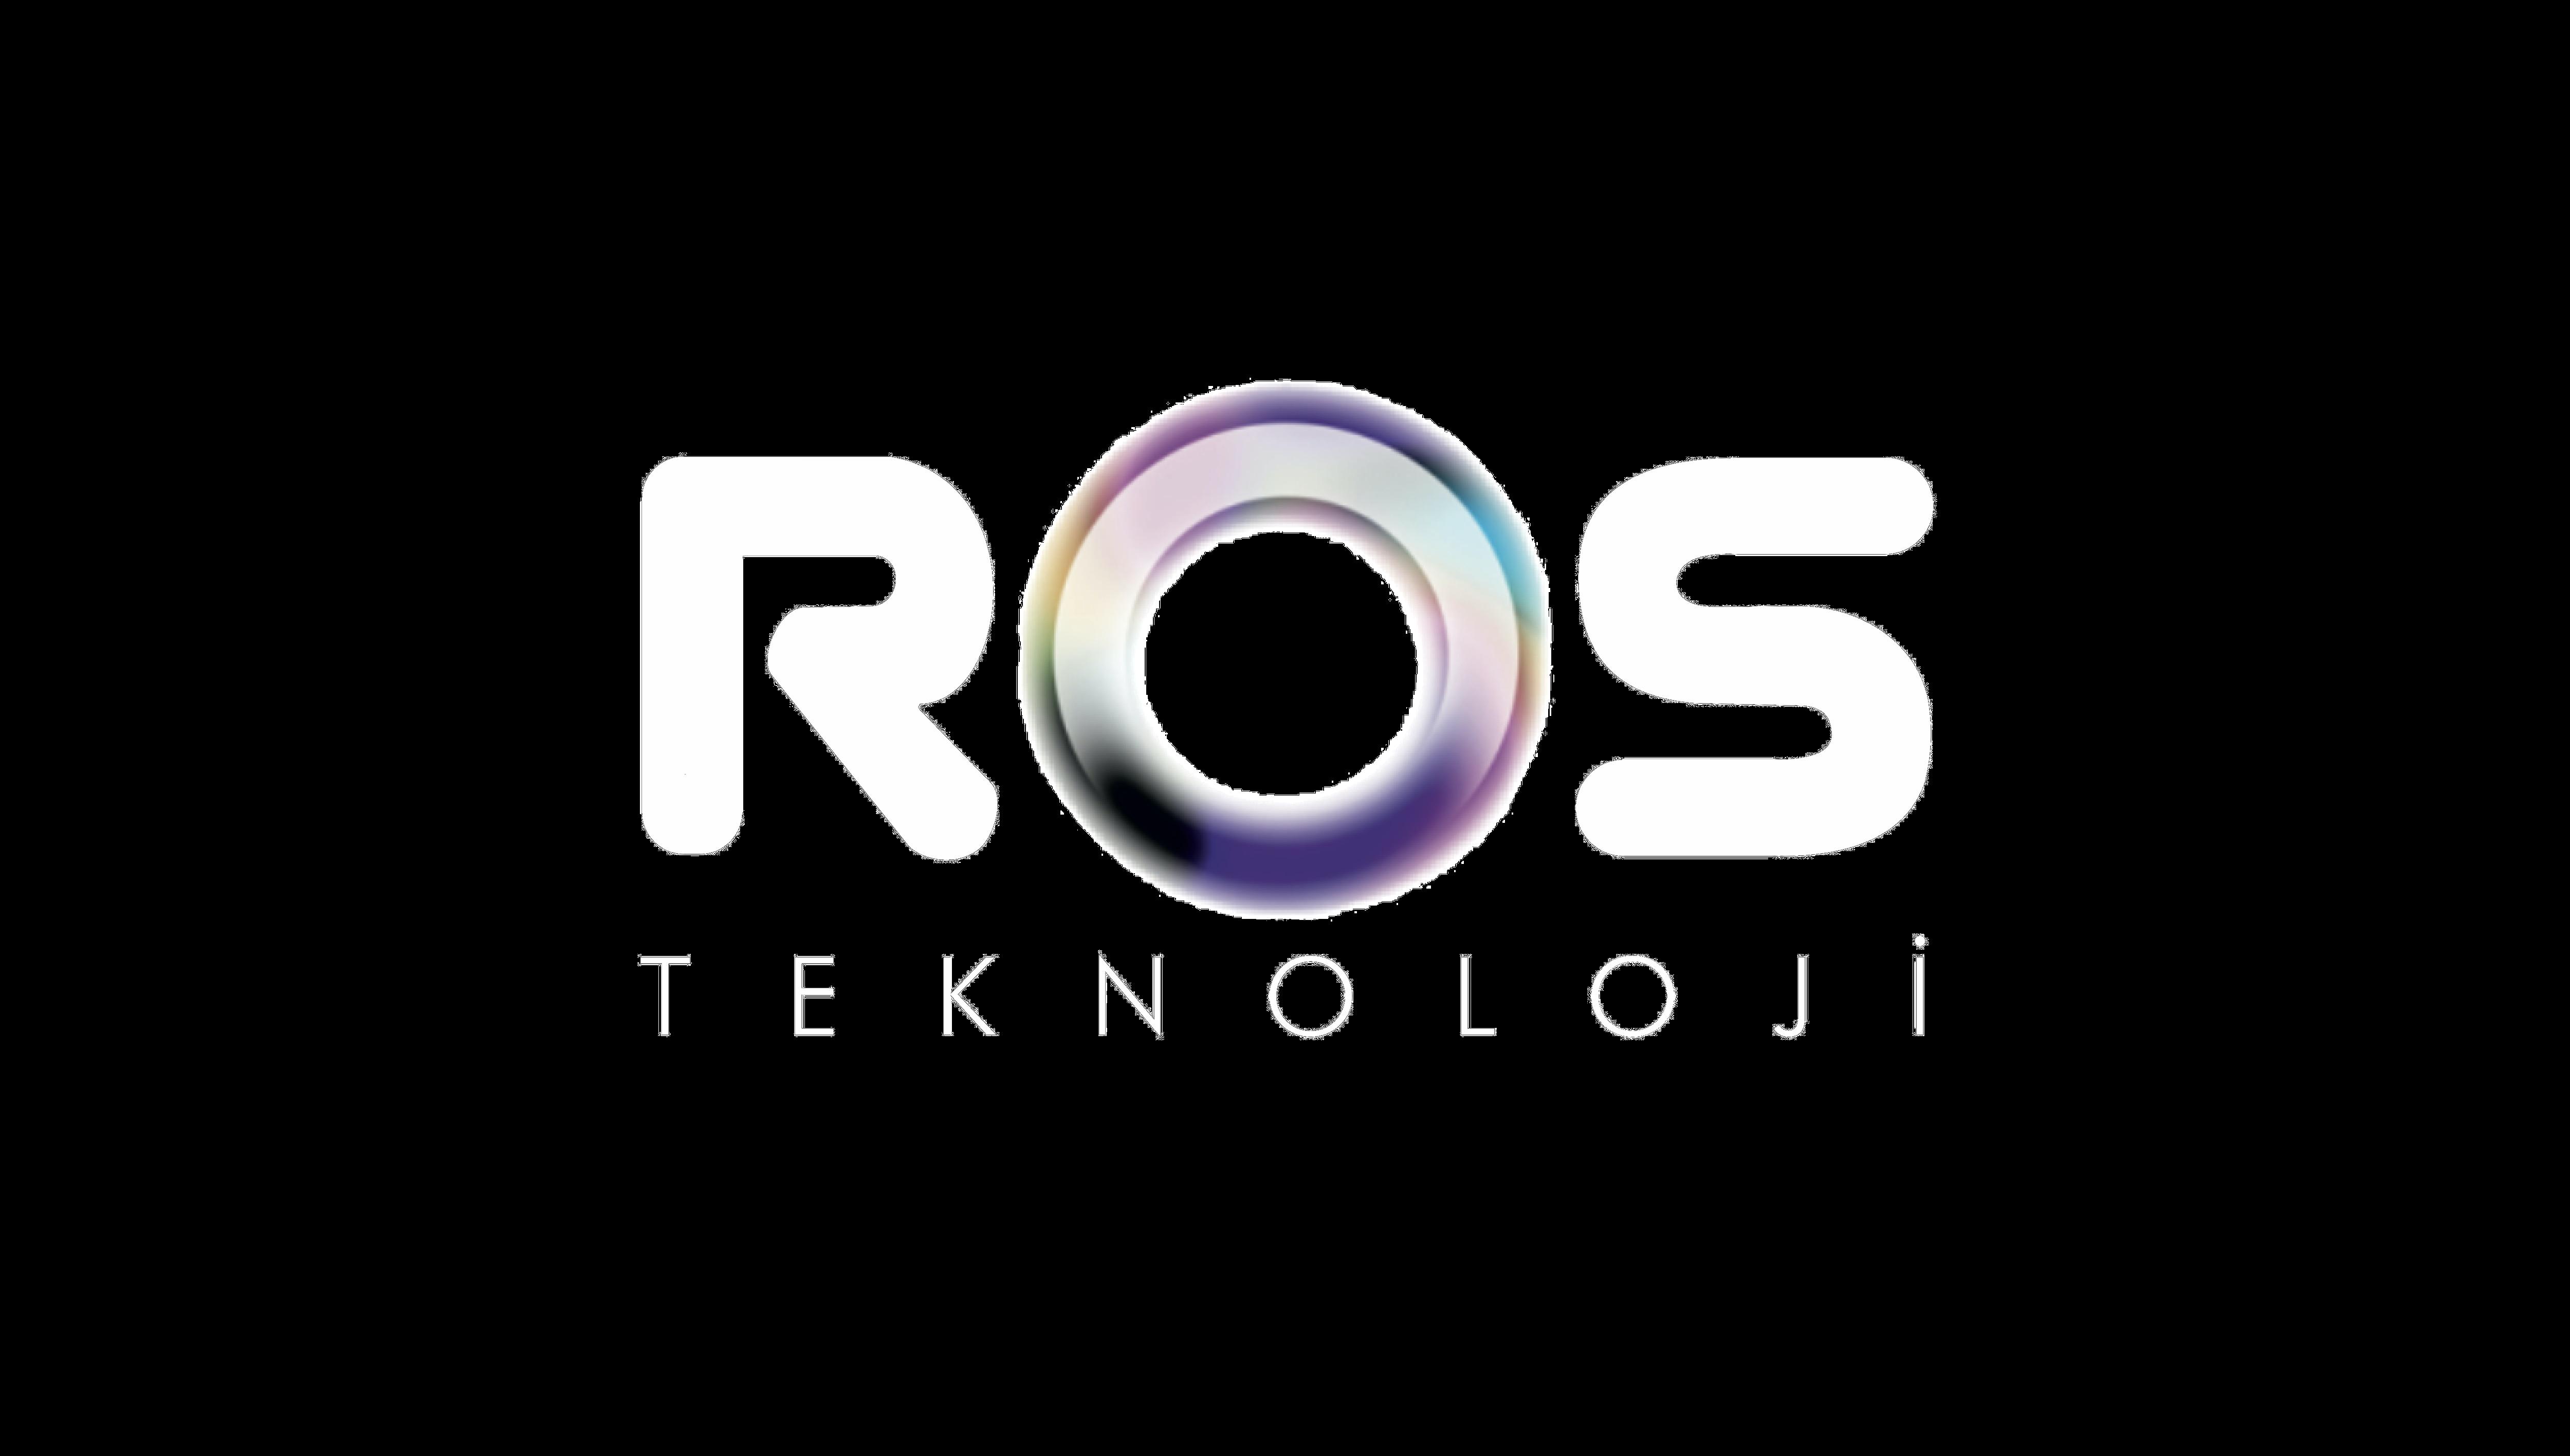 Rosteknoloji.com.tr